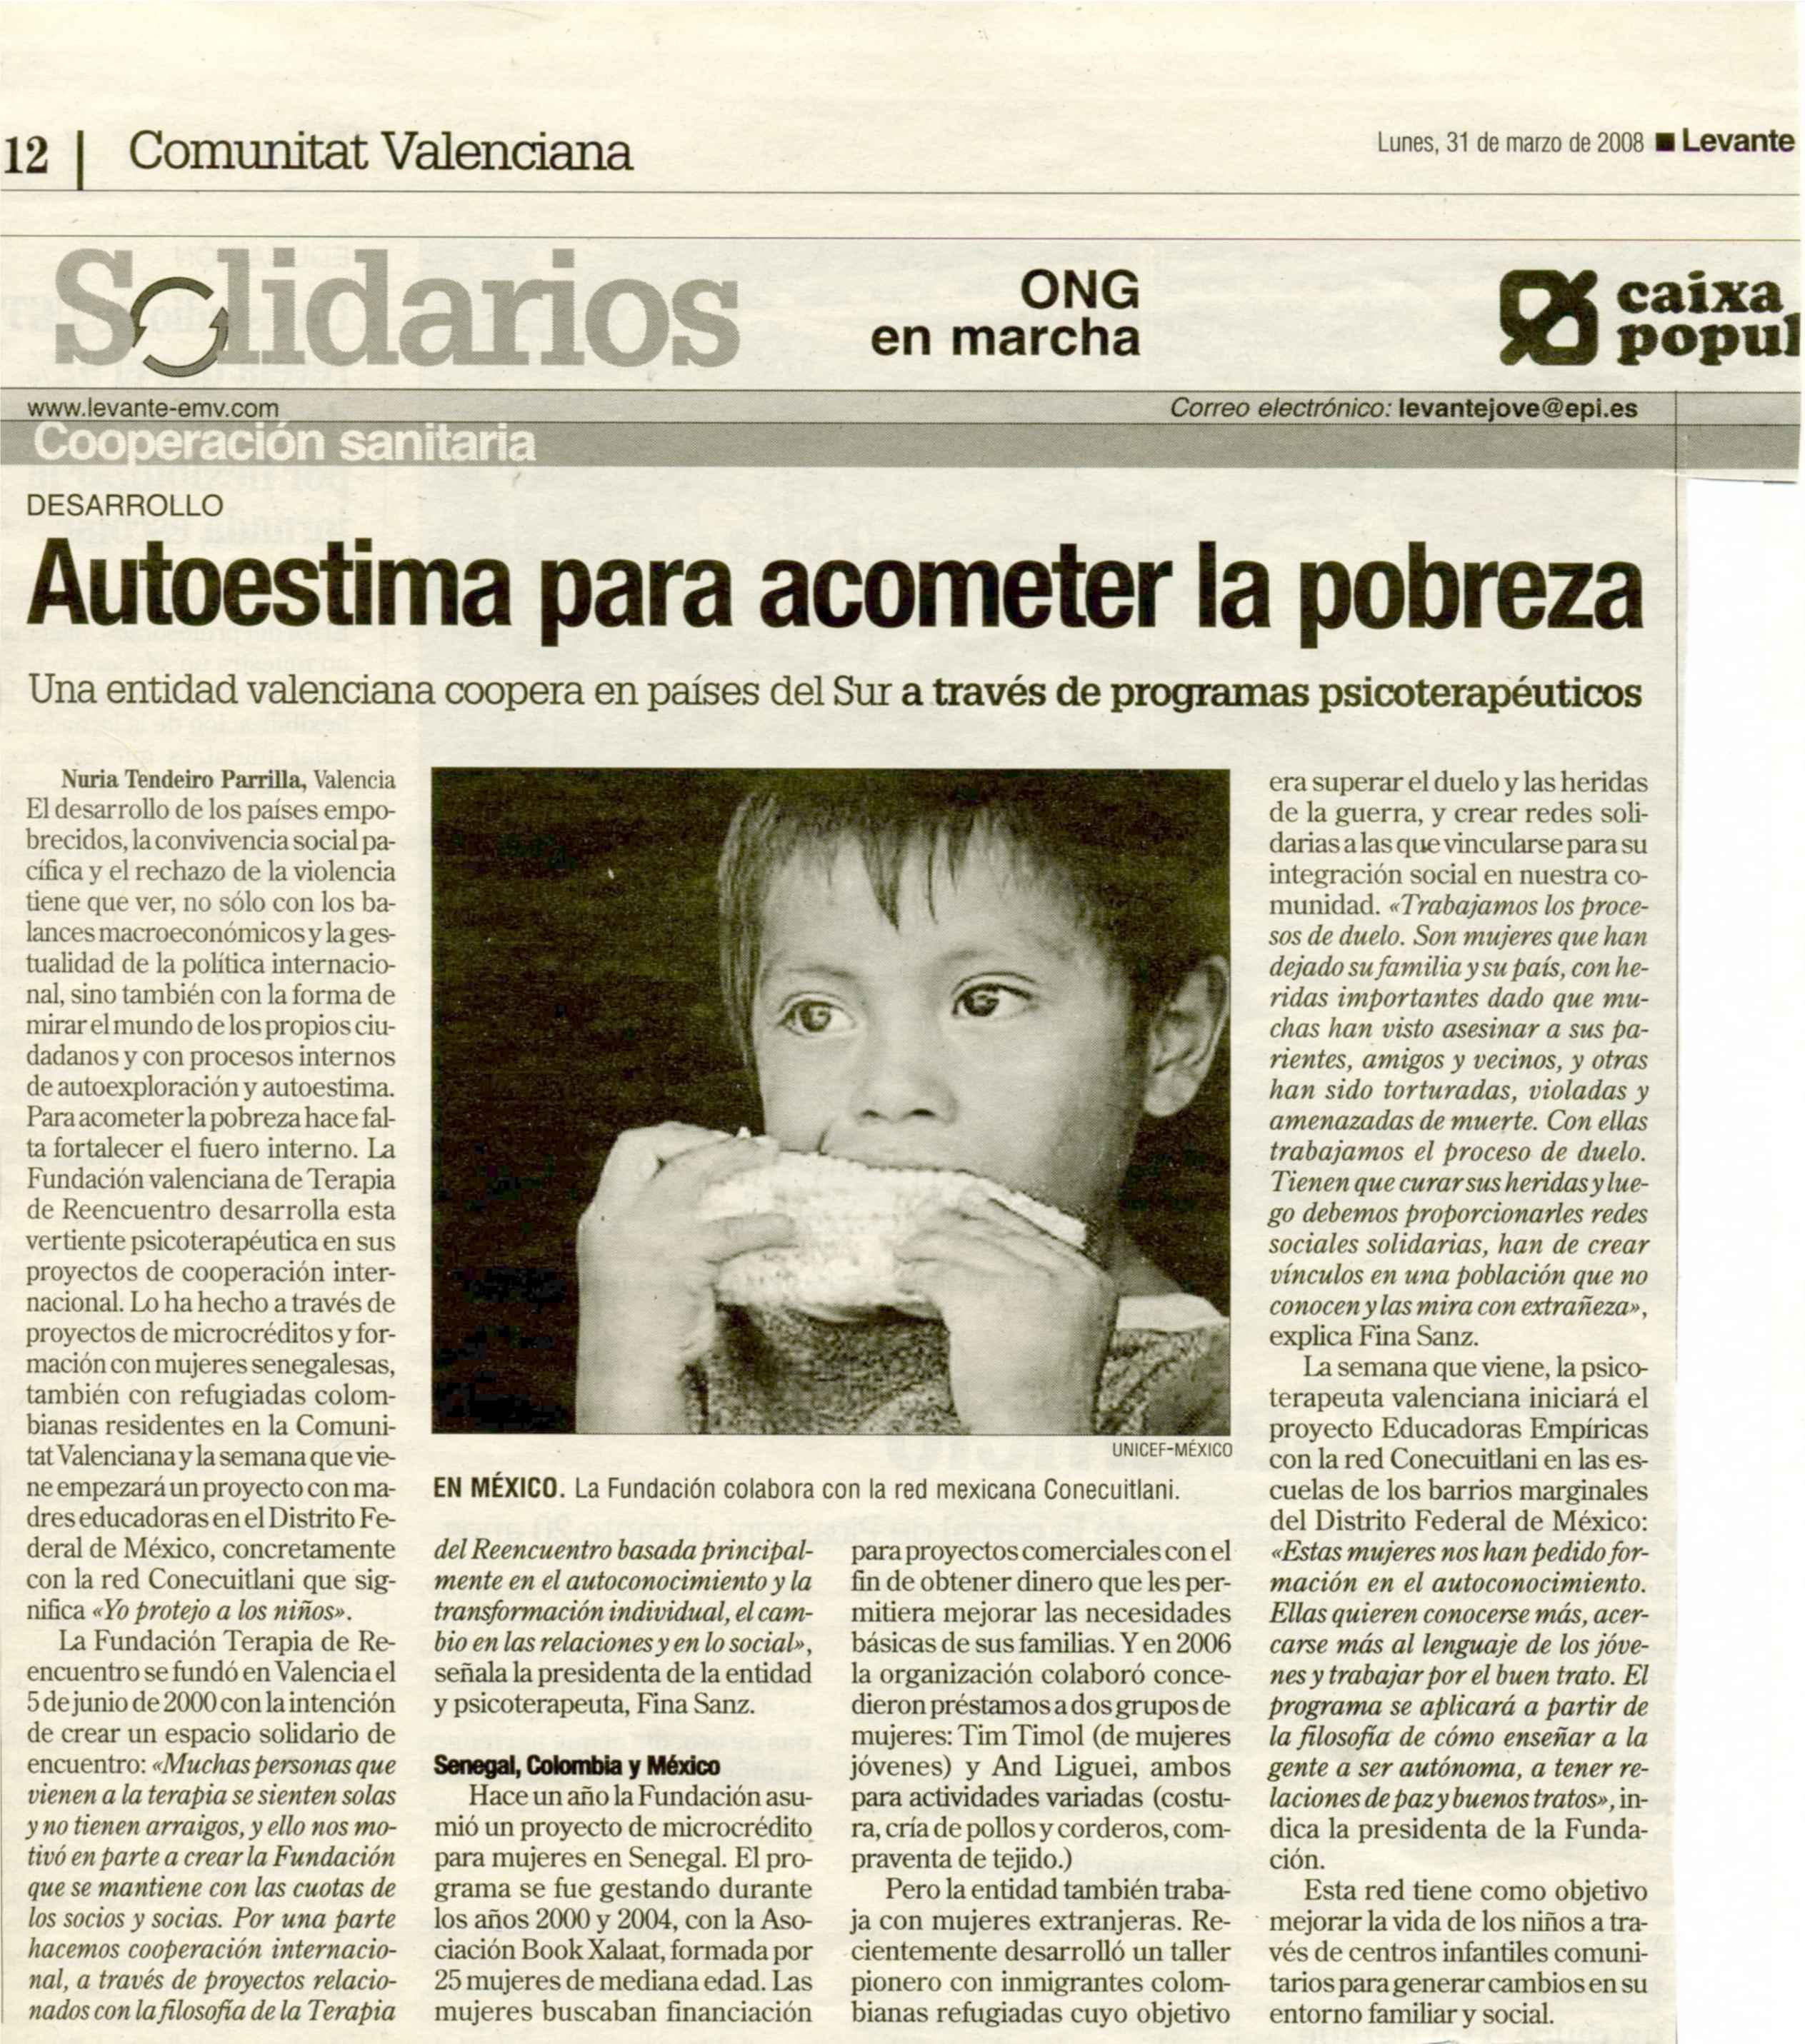 diario de levante dia: